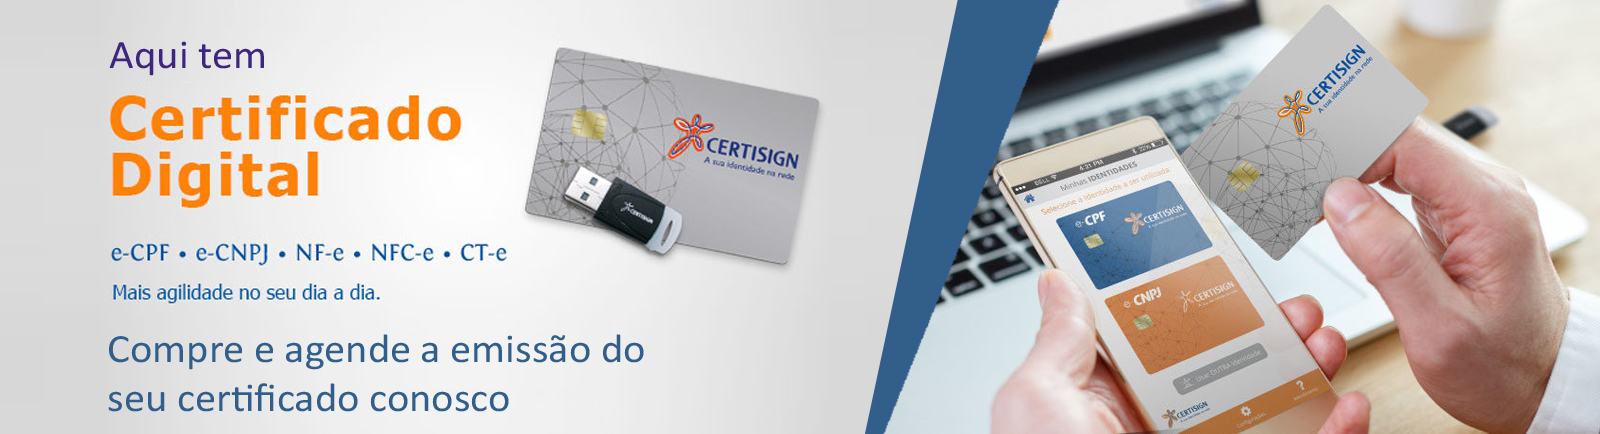 genial-assessoria-administratica-certificado-digital-de-pessoa-fisica-e-juridica3